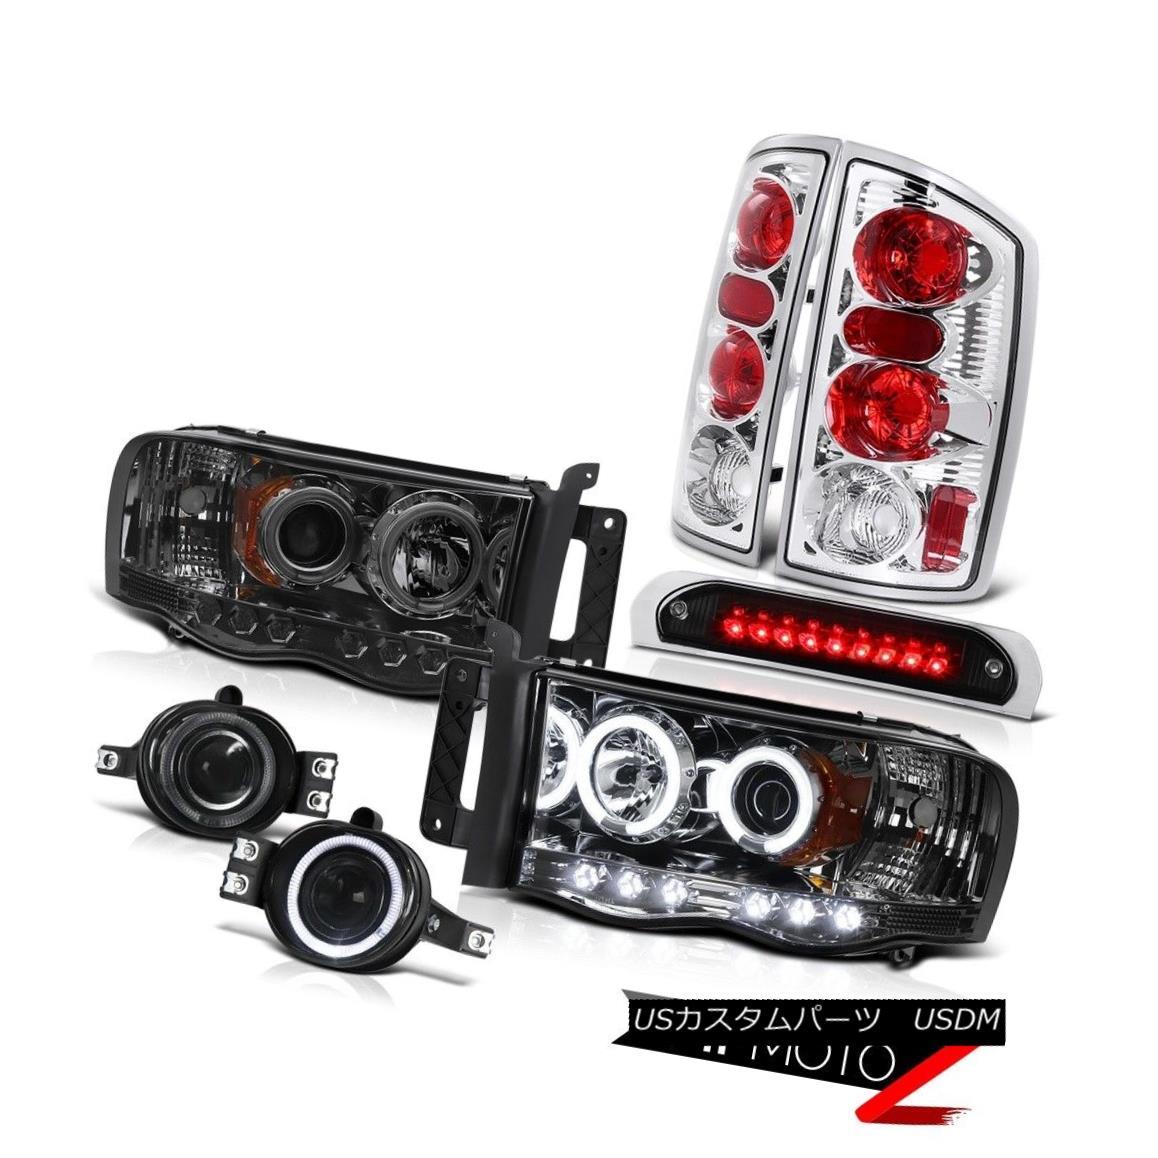 テールライト CCFL Fluorescence Headlights Projector Bumper Fog Brake LED 2002-2005 Ram SRT-10 CCFL蛍光ヘッドライトプロジェクターバンパーフォグブレーキLED 2002-2005 Ram SRT-10